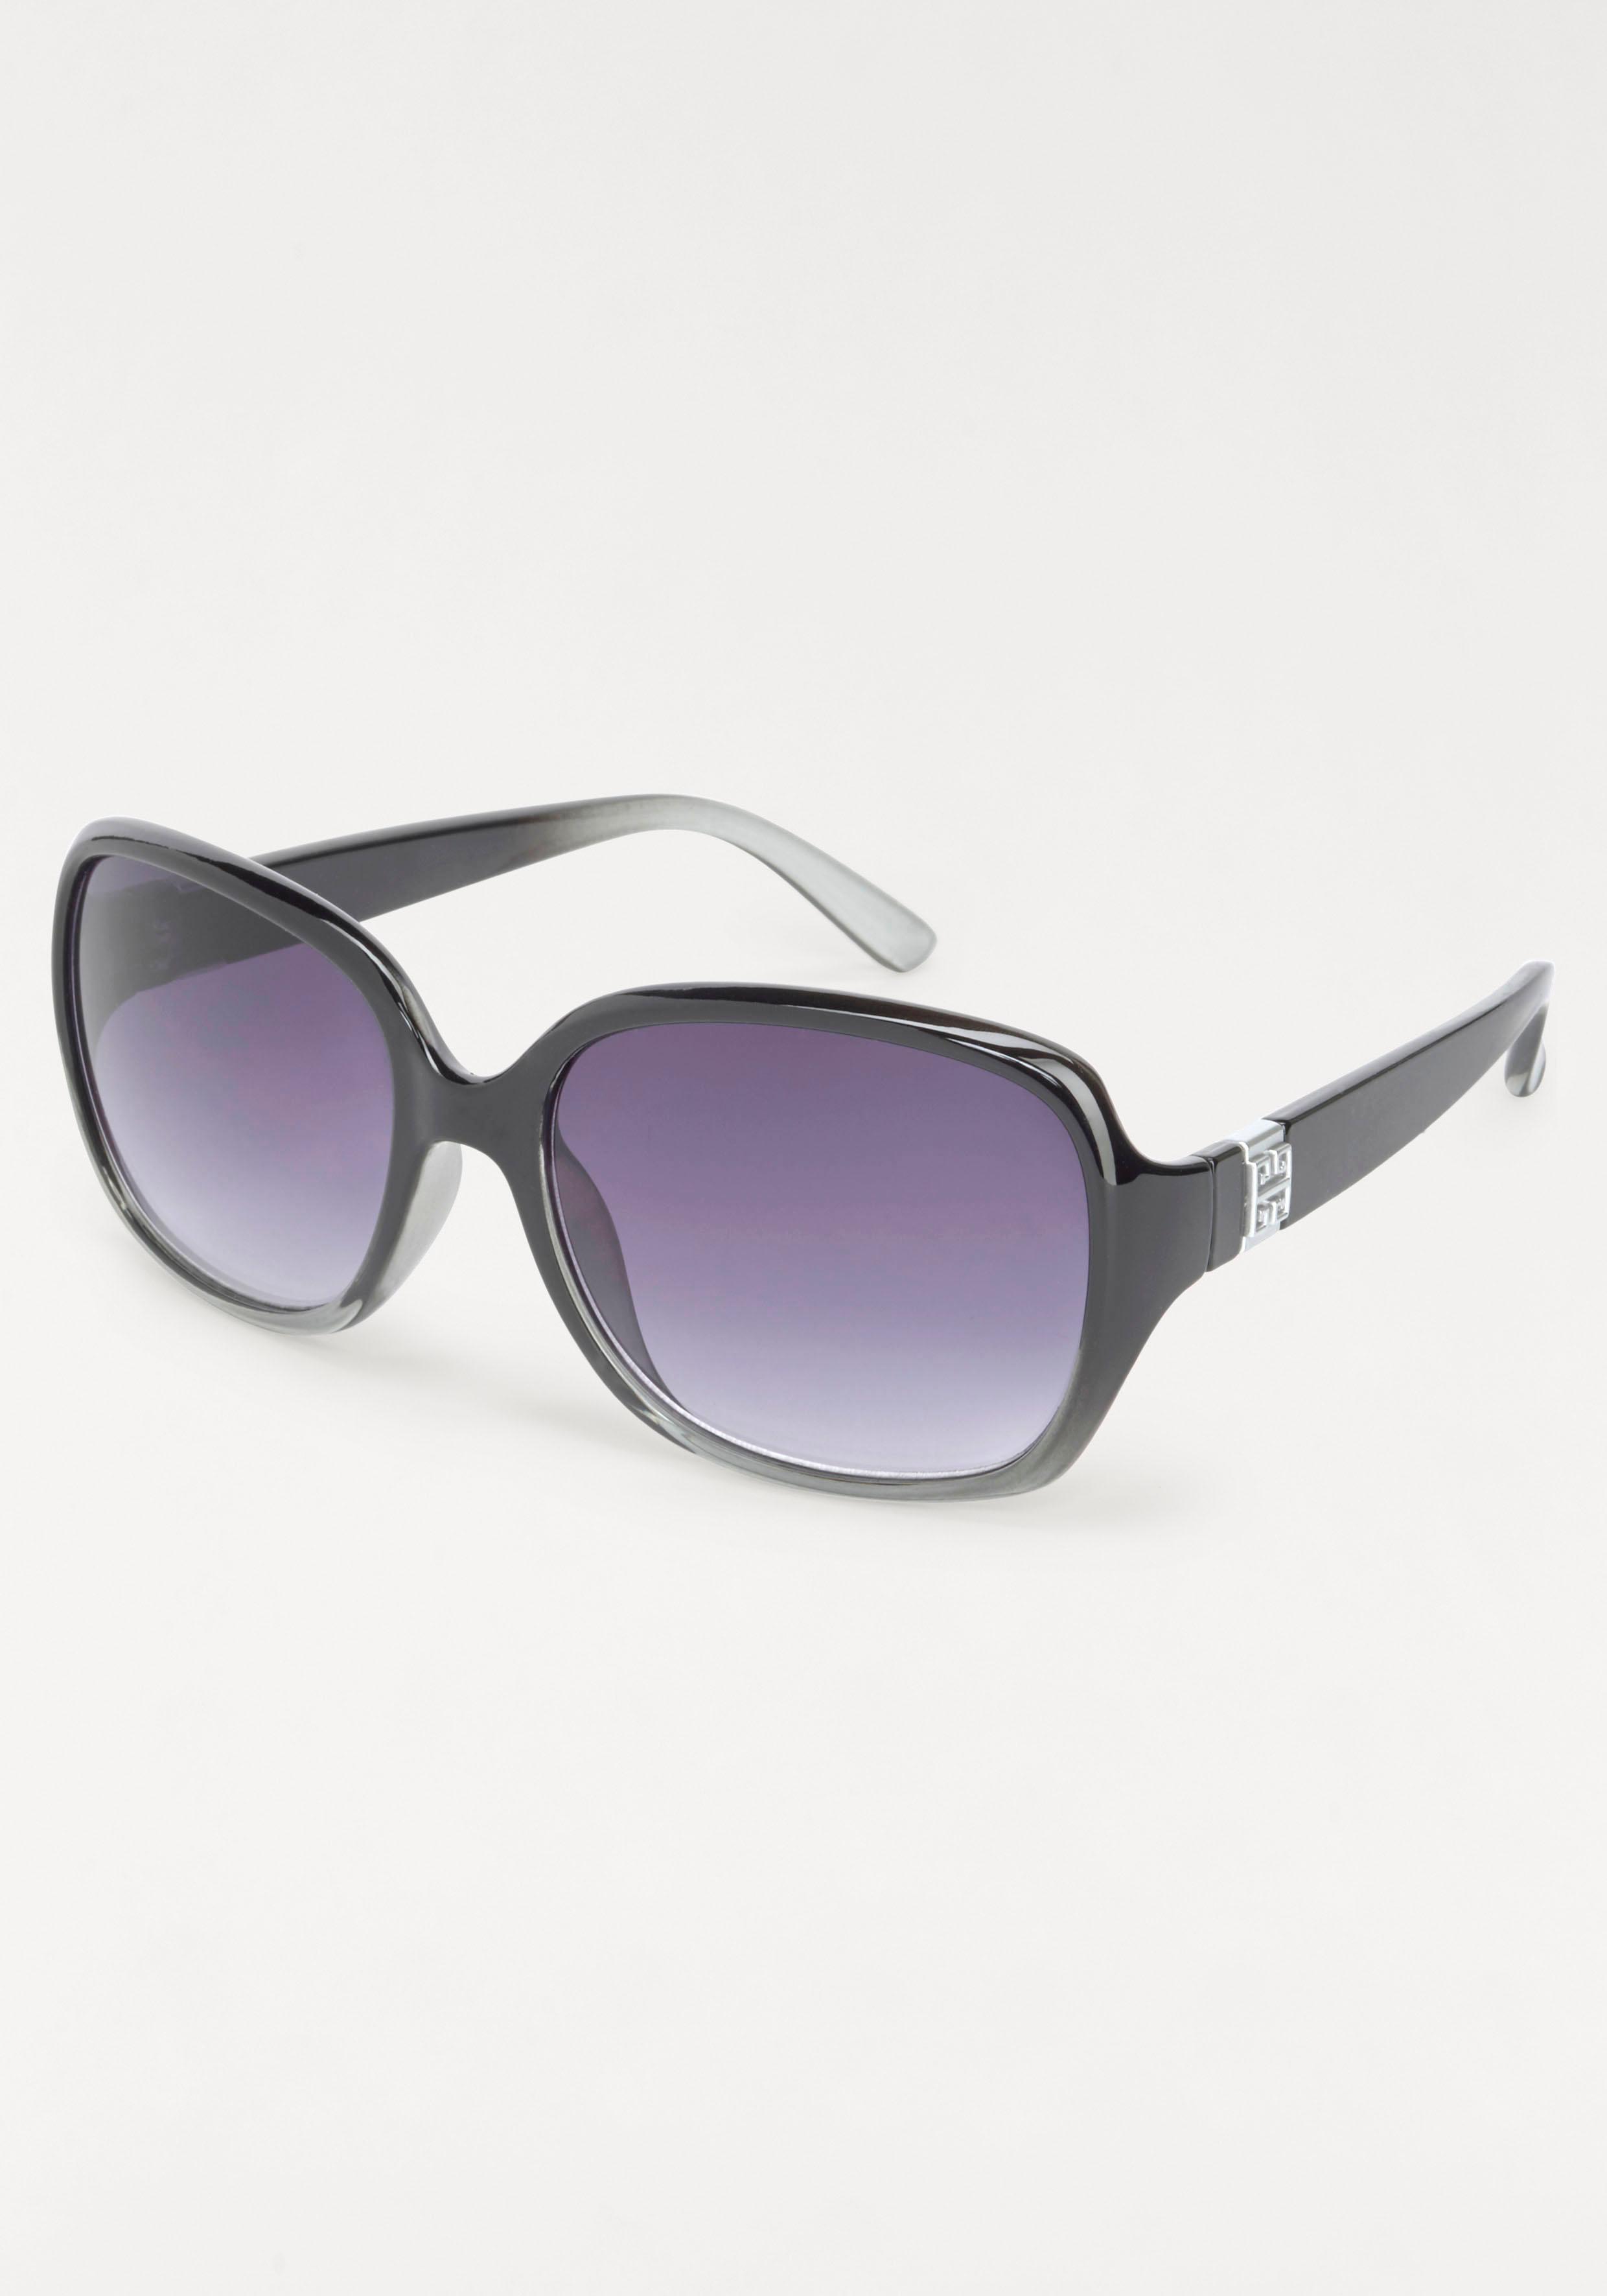 Sonnenbrille   Accessoires > Sonnenbrillen > Sonstige Sonnenbrillen   Schwarz